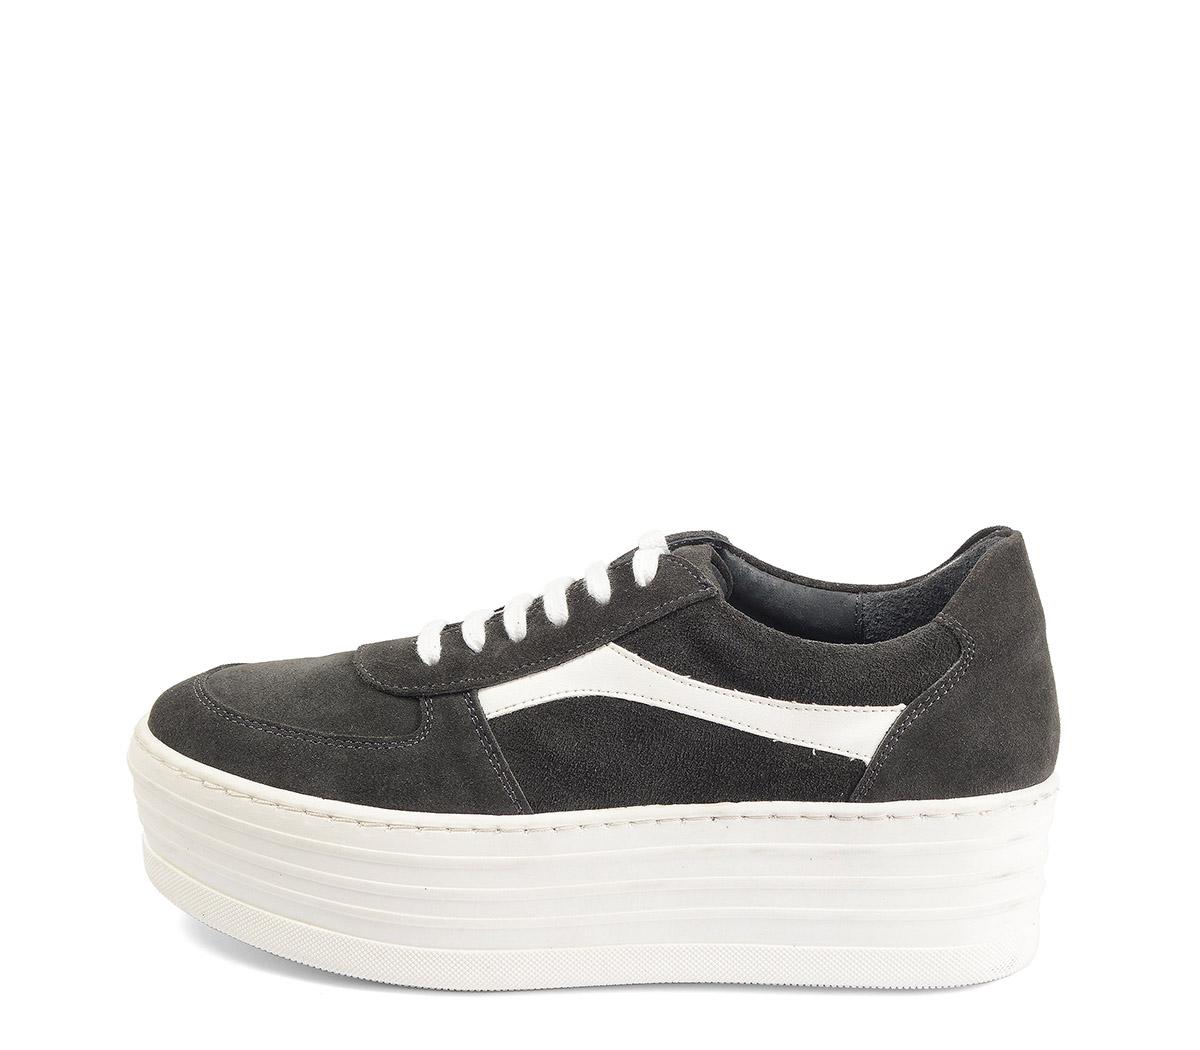 Ref. 4025 Sneaker serraje gris con detalle en piel blanca. Plataforma blanca de 5 cm.